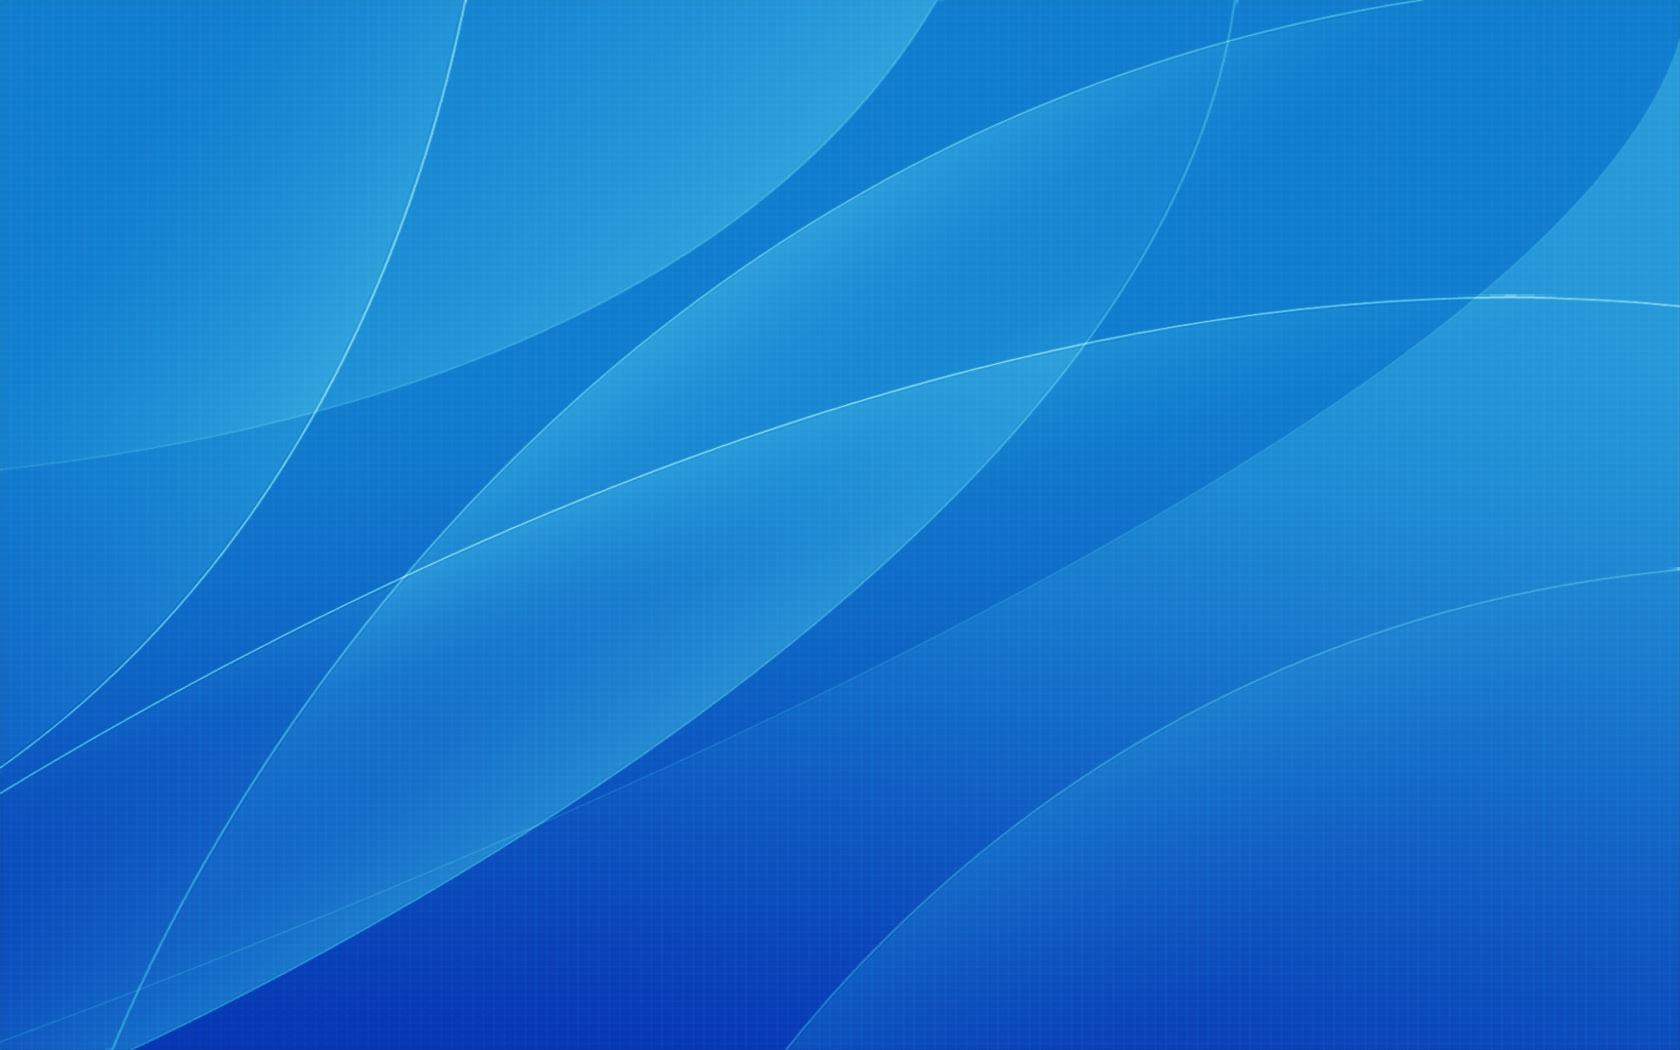 windows7激活软件_【Windows7壁纸】1680x1050高清壁纸色彩背景 电脑维修 fcbu.com